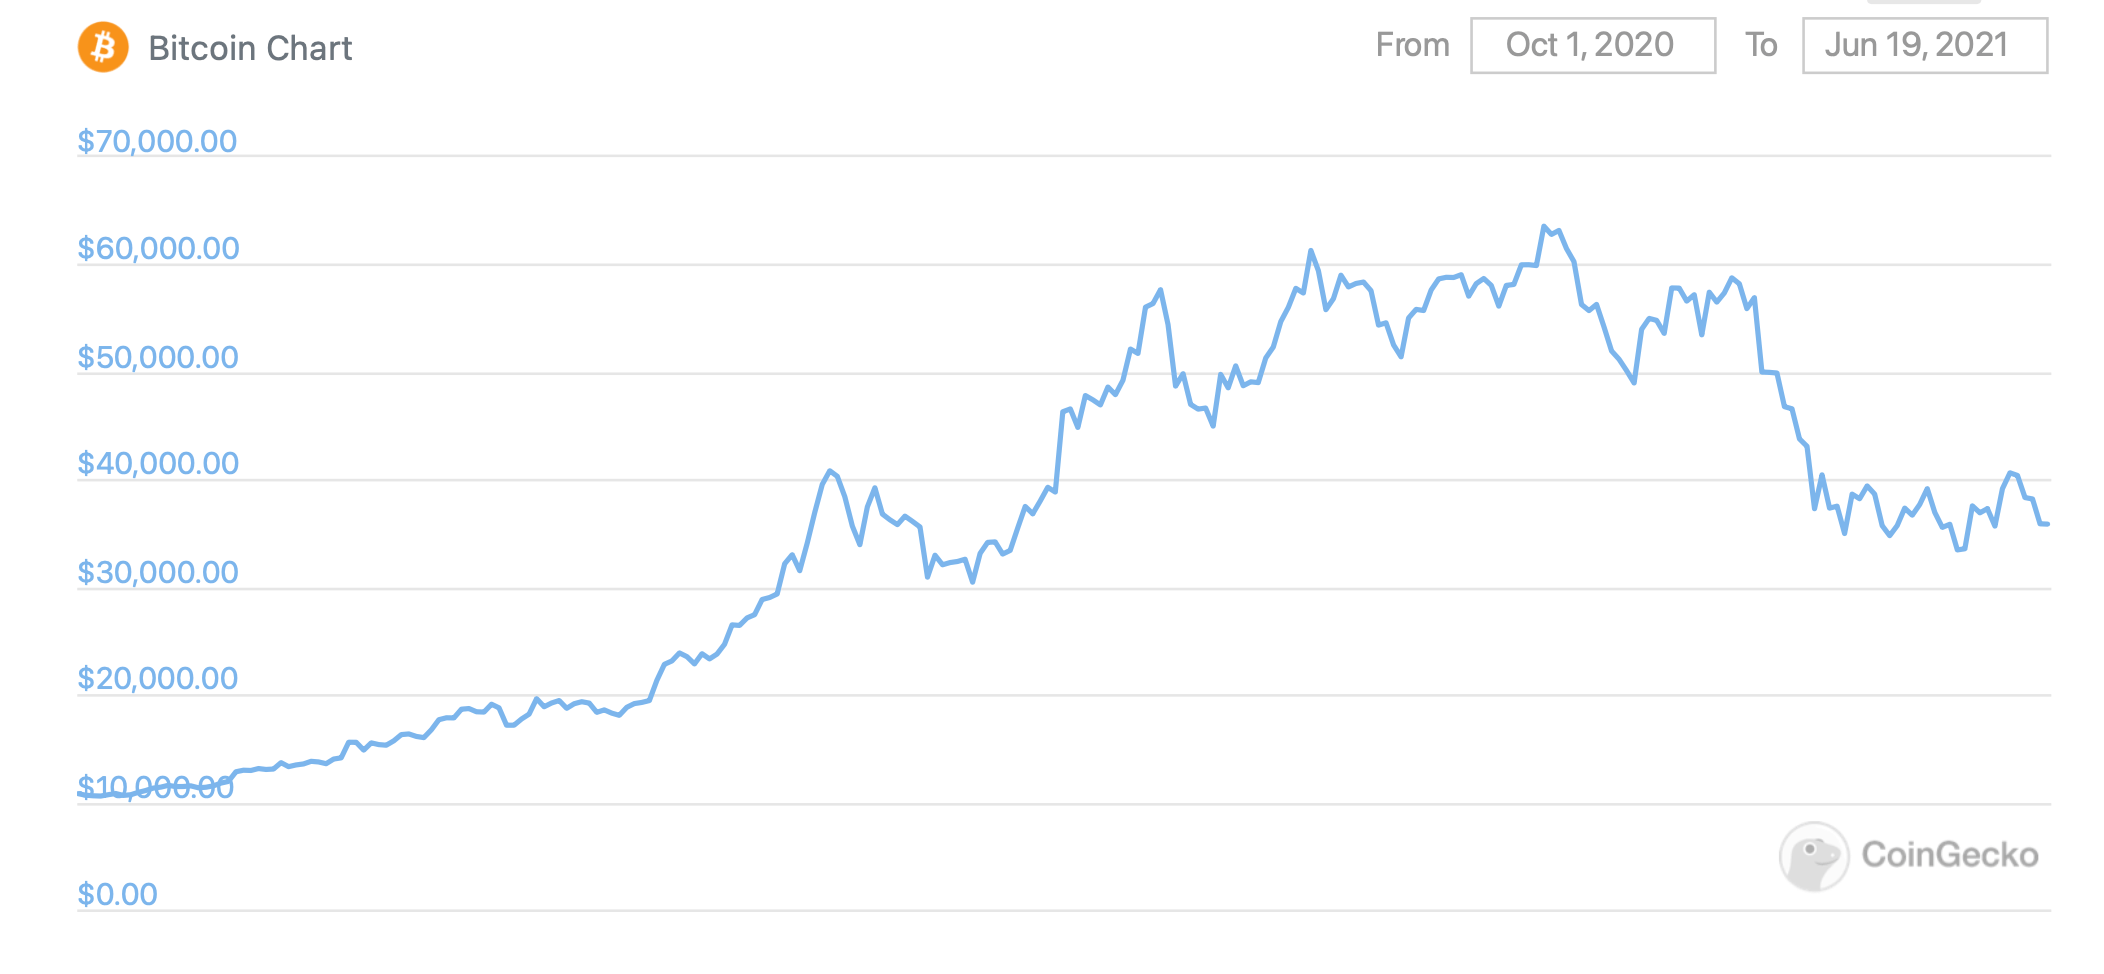 биткоин график курс рост